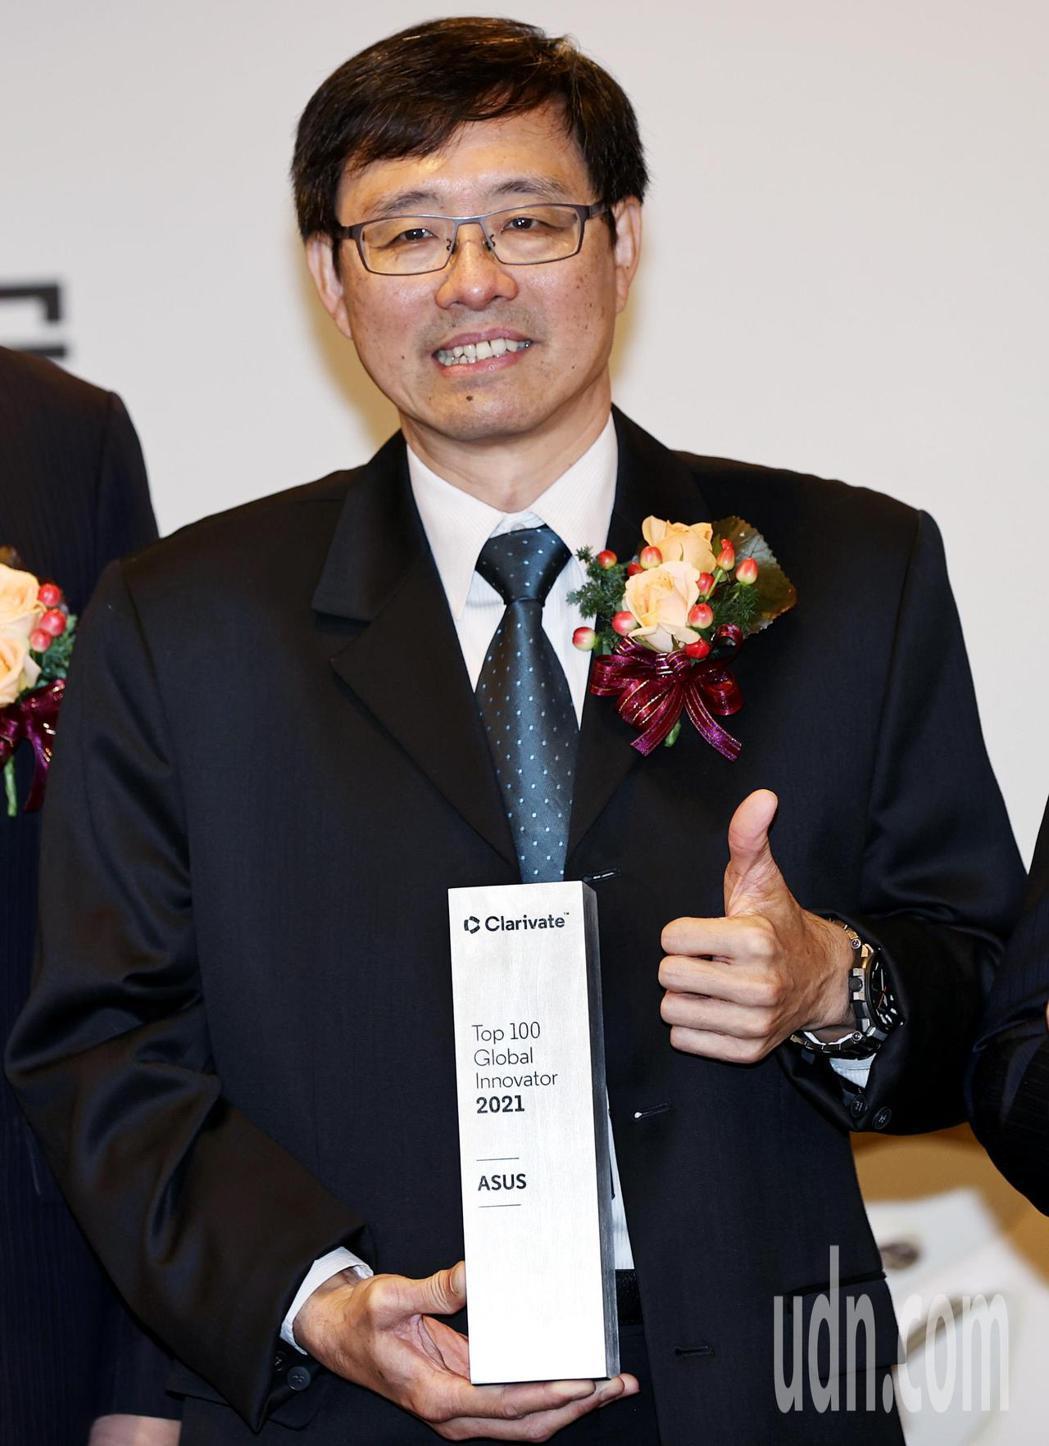 華碩共同執行長許先越出席科睿唯安全球百大創新機構頒獎典禮。記者侯永全/攝影